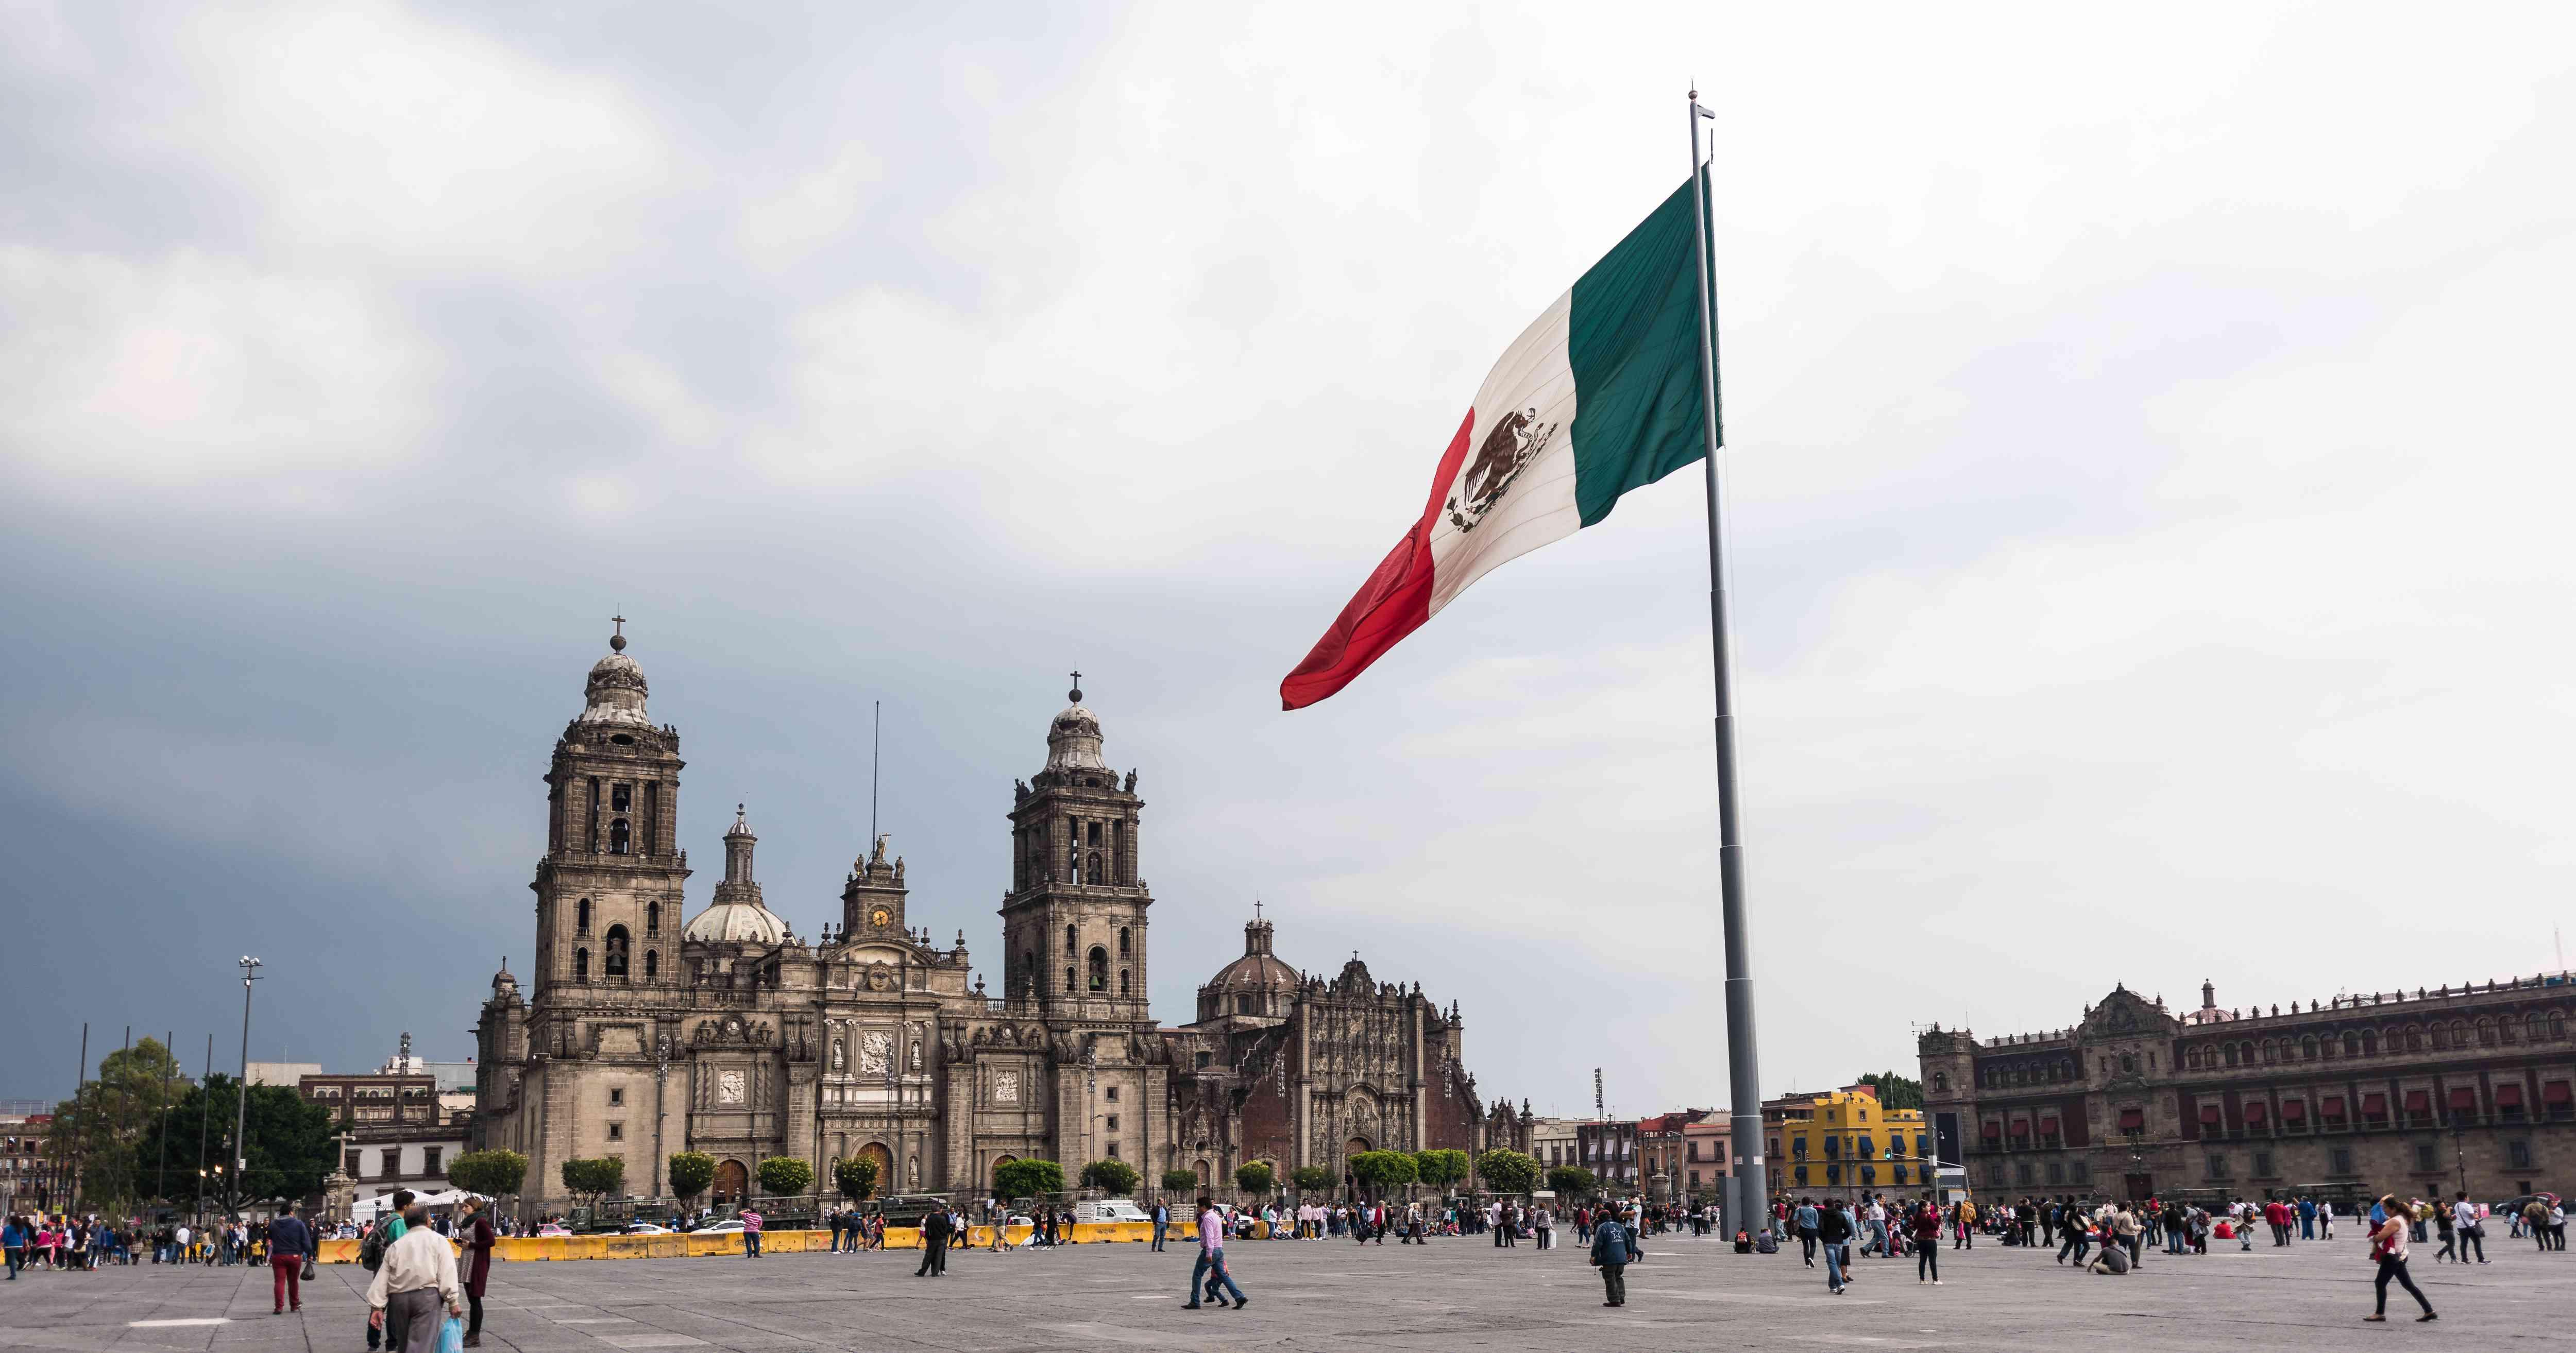 Mexico City's Plaza de la Constitución with a large Mexico flag